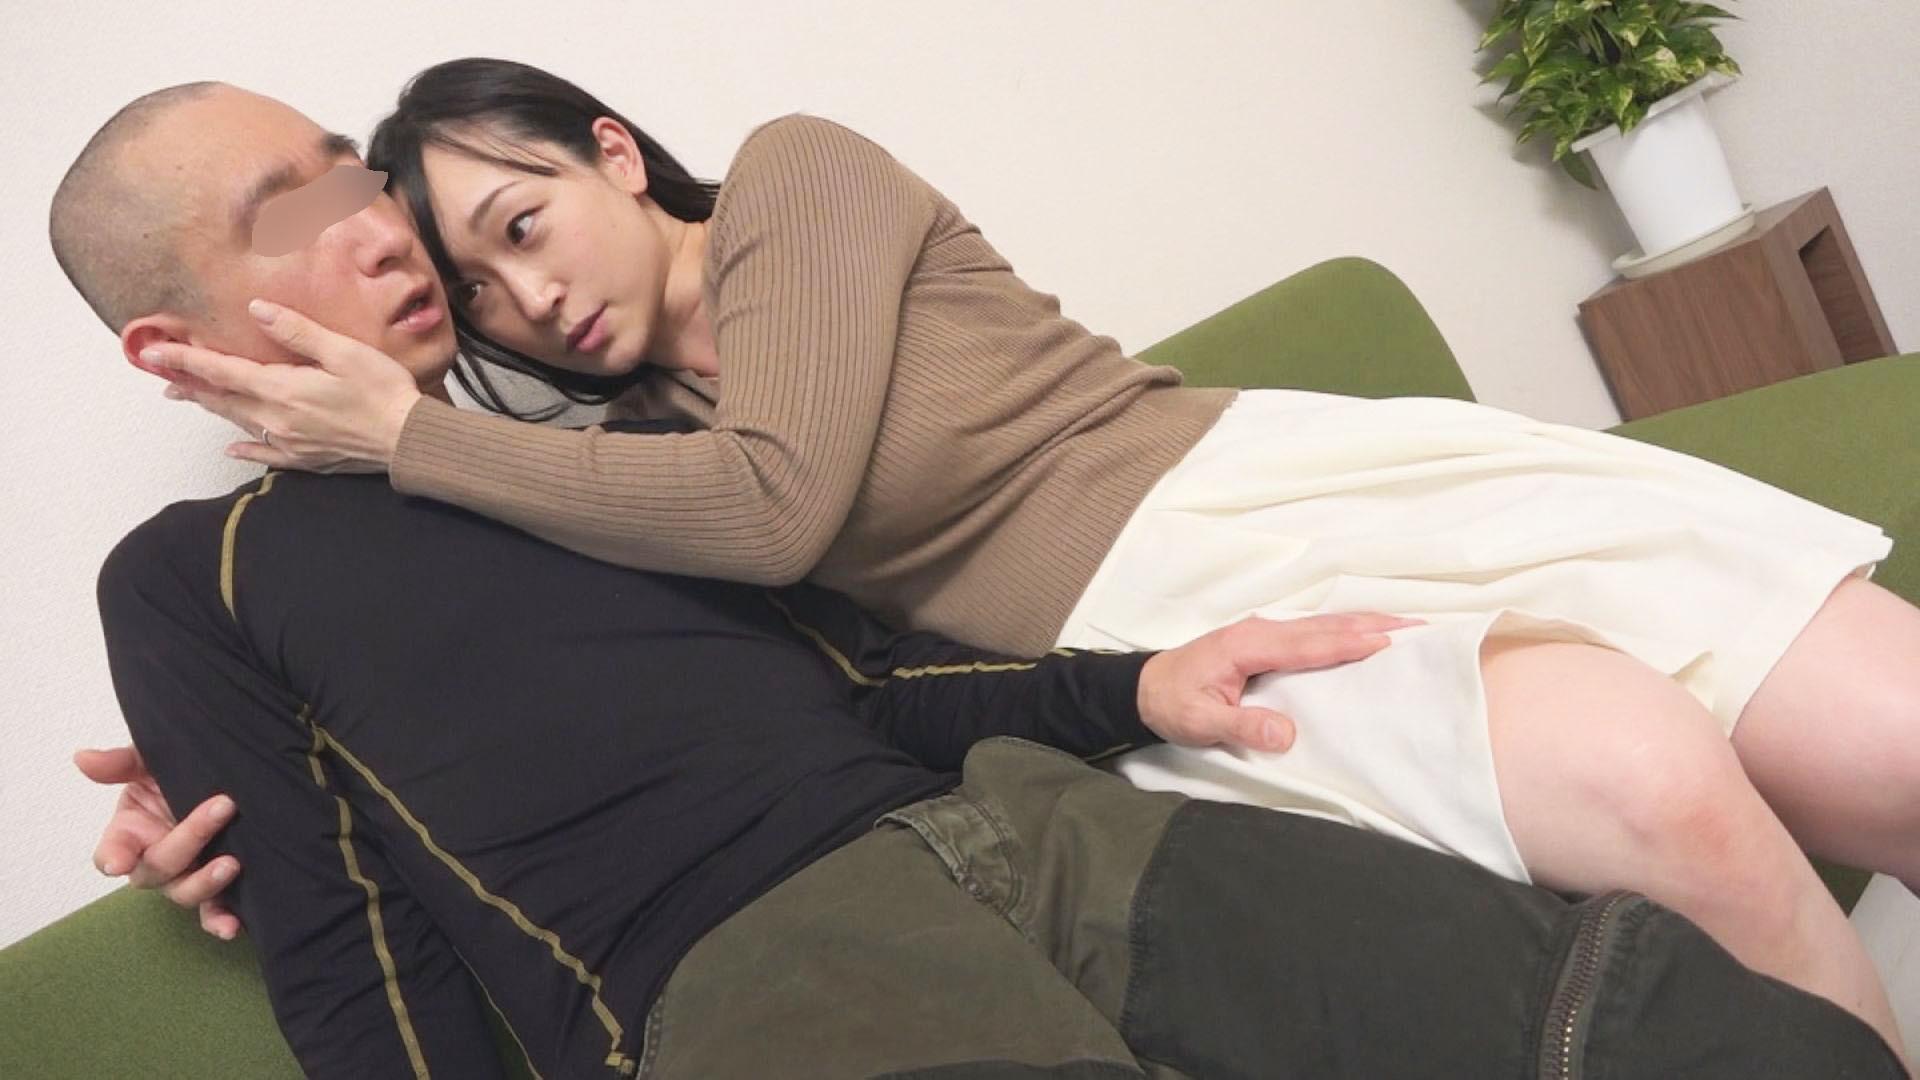 母乳ぶっかけ!「男性を赤ちゃんプレイで支配したいんです」産後、痴女本能が異常開花!欲求不満な爆乳奥様が自らAV応募。ひろこ(34歳)